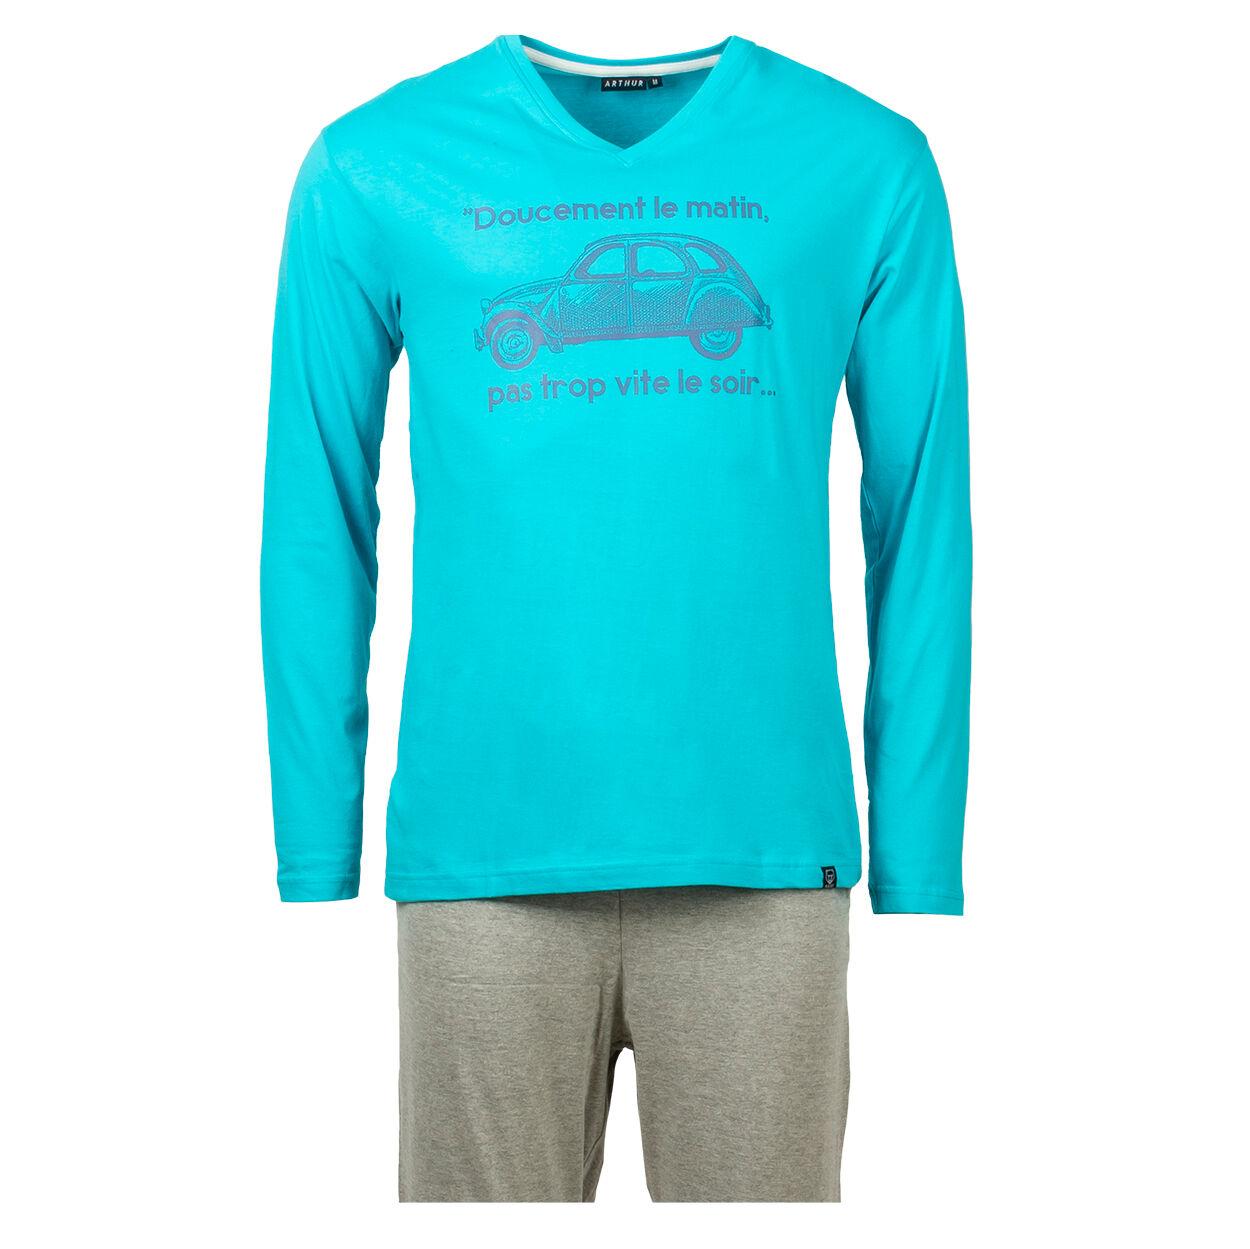 Arthur Pyjama court Arthur Ulysse en coton bio : tee-shirt manches longues col V bleu azur floqué et pantalon gris - GRIS - XXL